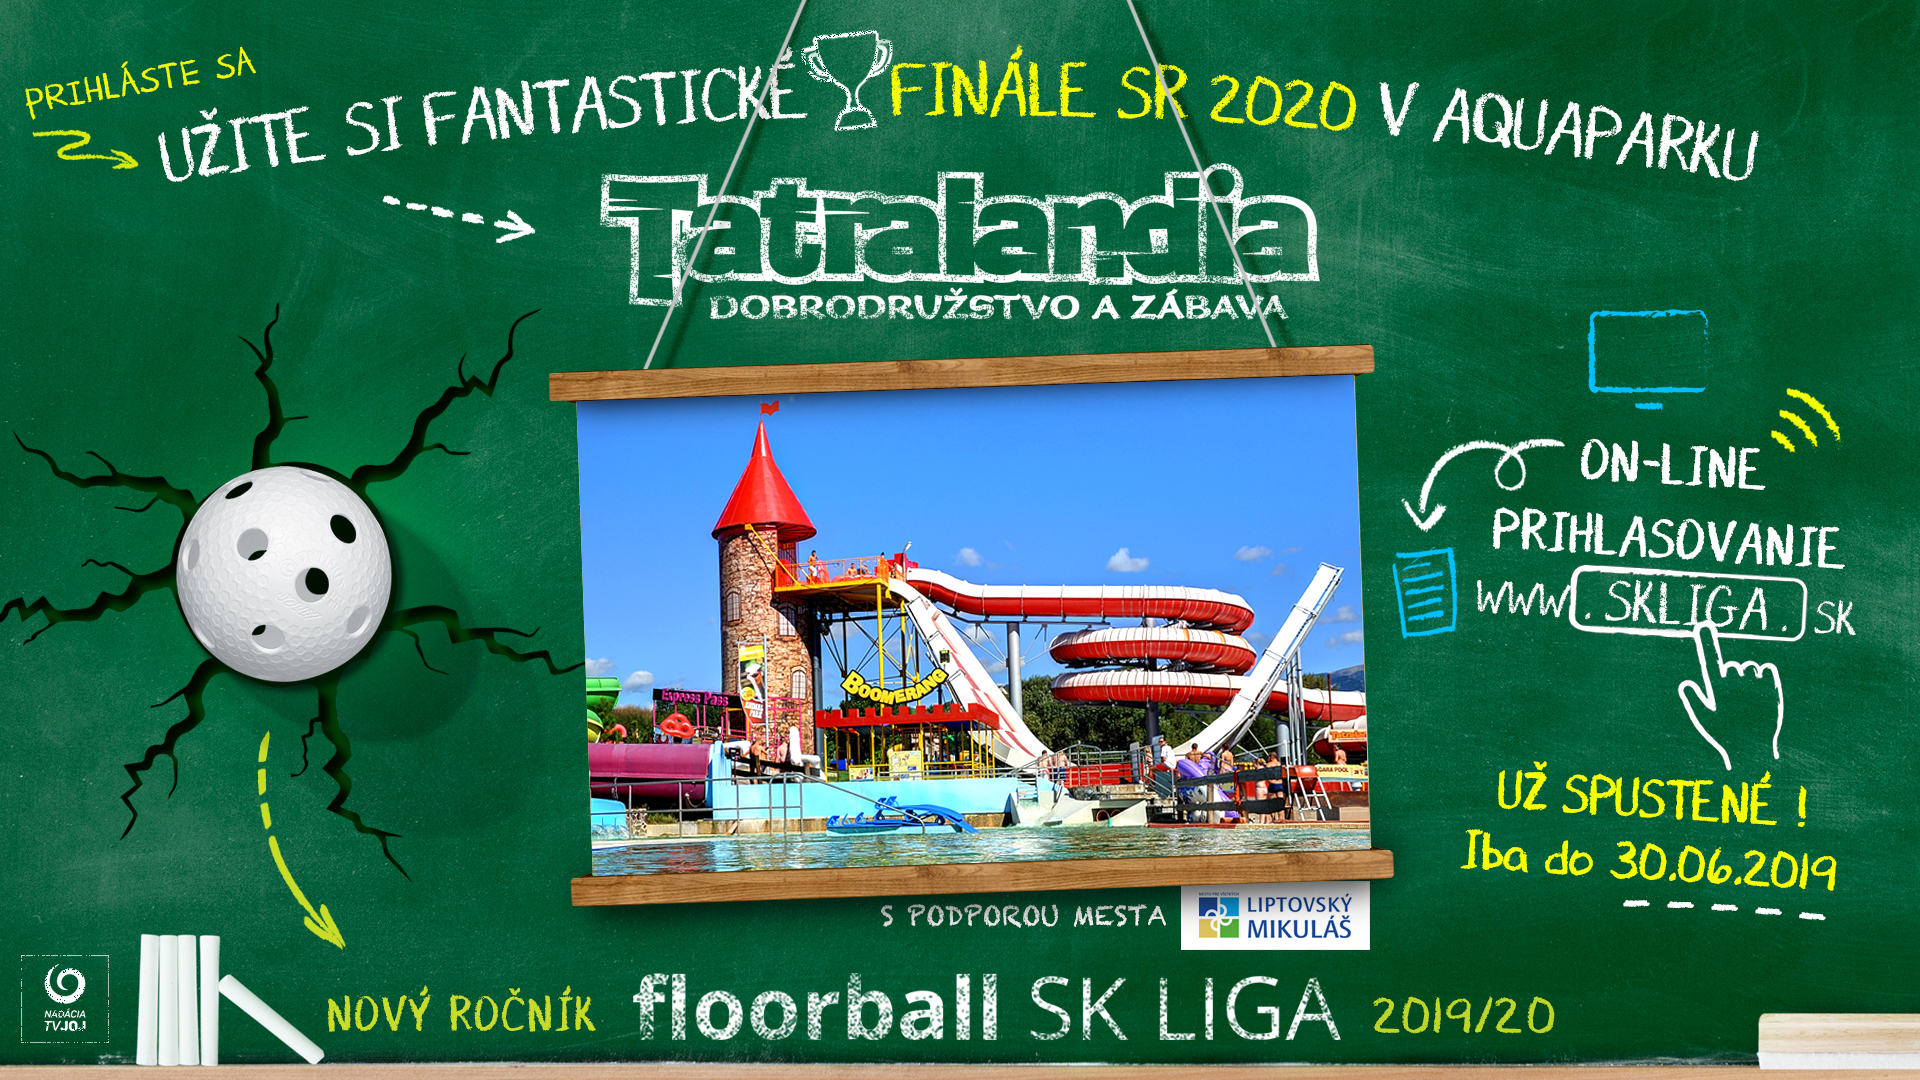 skliga 2019 2020 Tatralandia